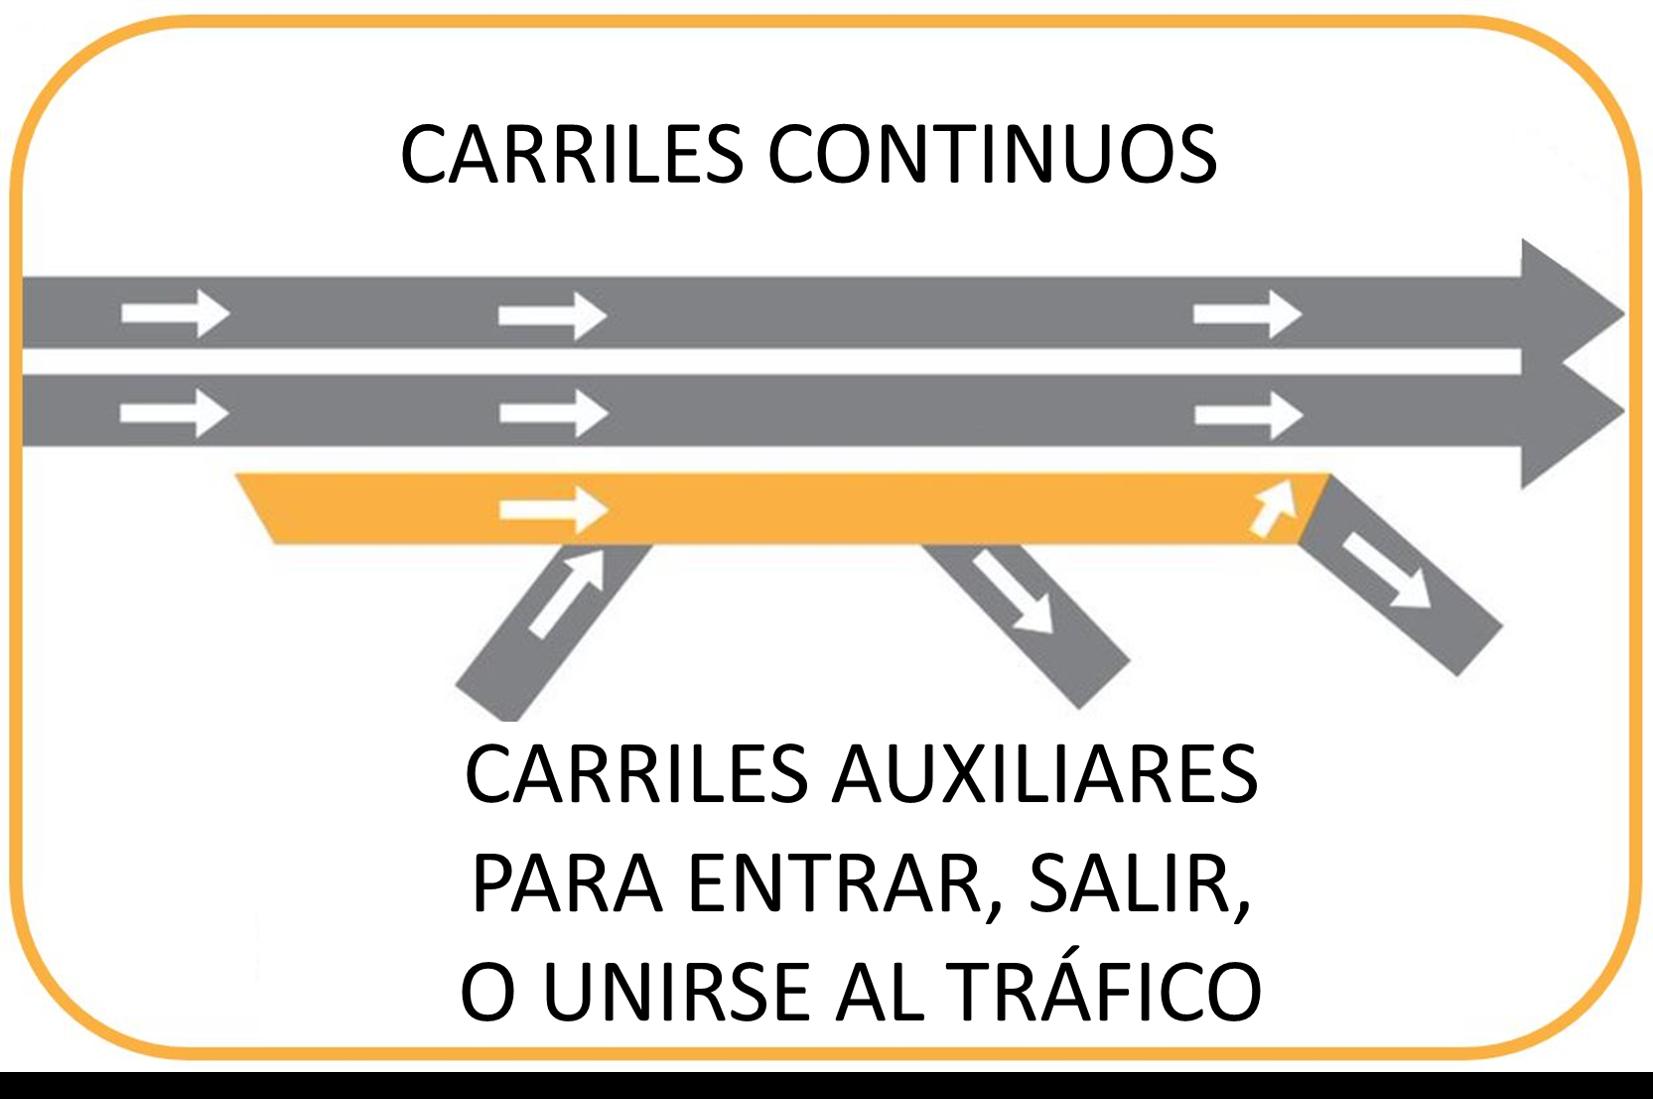 Carriles auxiliares de entrada y salida para la incorporación al tráfico.